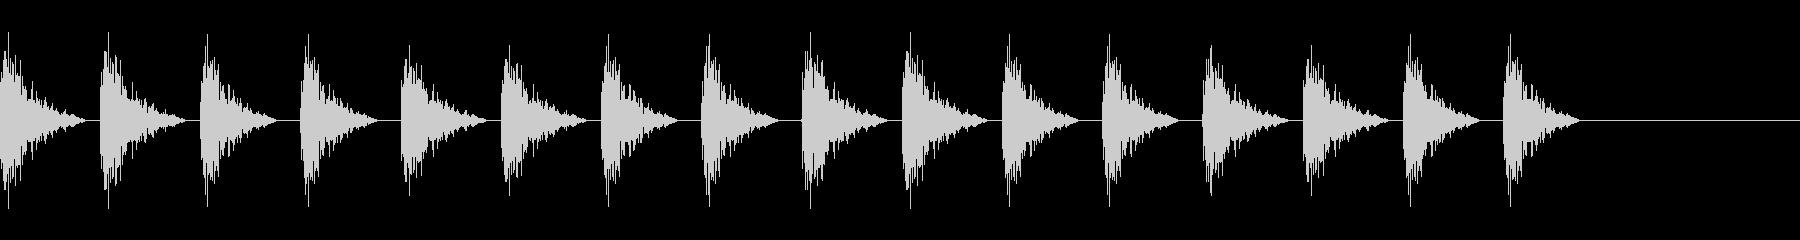 どんどん(巨人、速歩き)A22の未再生の波形